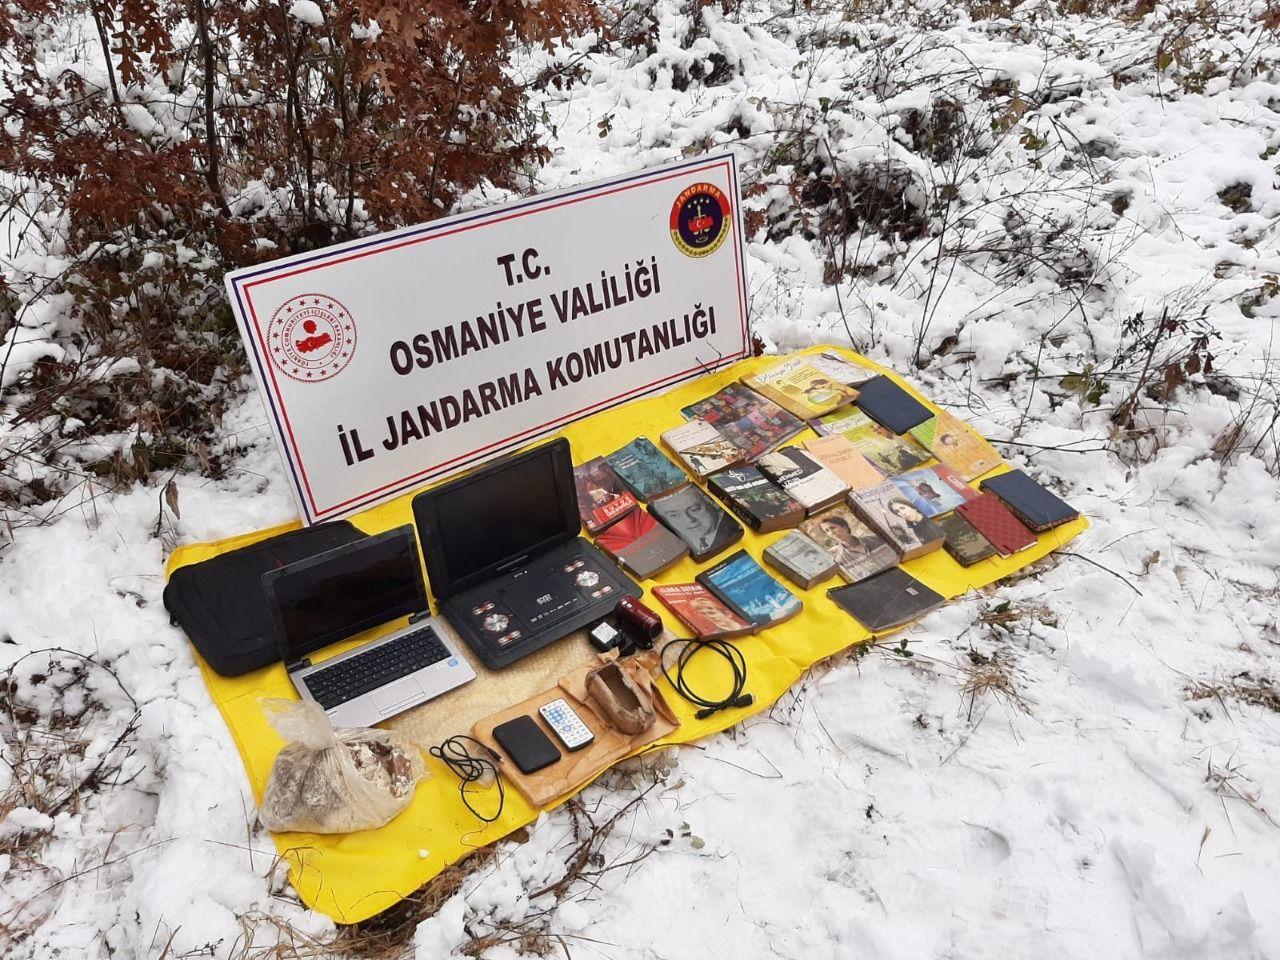 PKK sığınağına baskın! Çok sayıda patlayıcı ve örgütsel doküman ele geçirildi